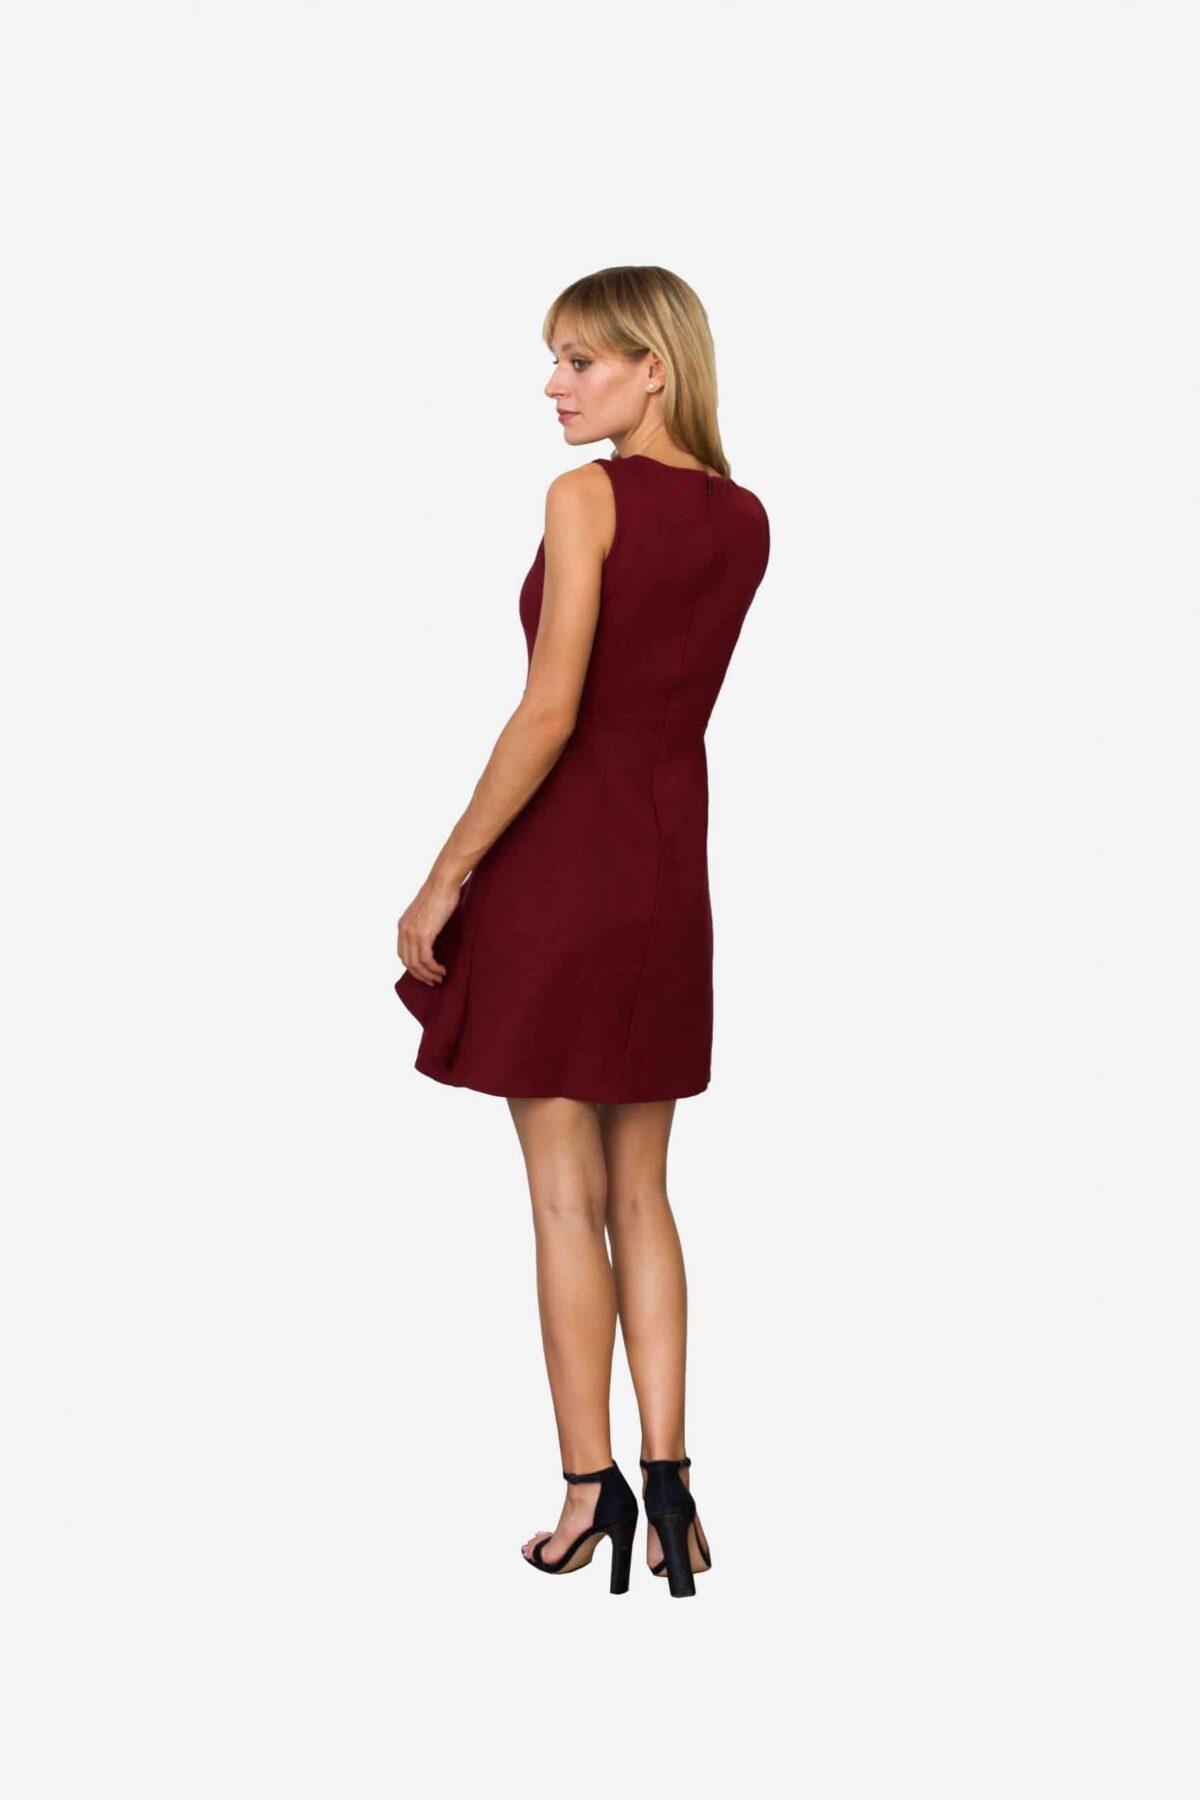 Kleid Nannette von SANOGE. Elegantes Etuikleid in weinrot mit Volant. Ärmellos. Slim Fit. Mit Stretch. Bequem zu tragen.